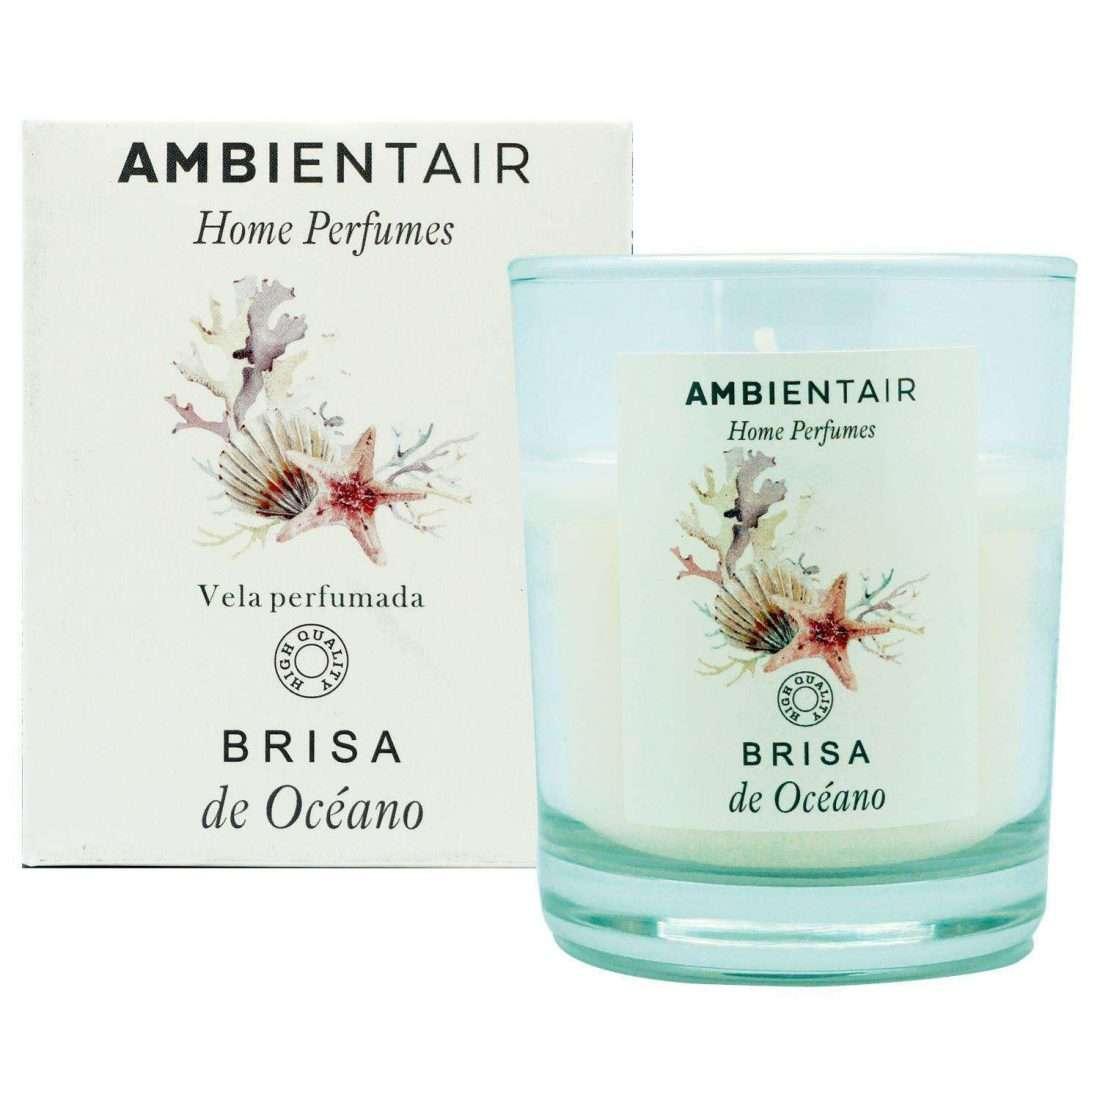 8435474413018 Vela 30 H Home Perfume Oc Estuche Y Vaso 2